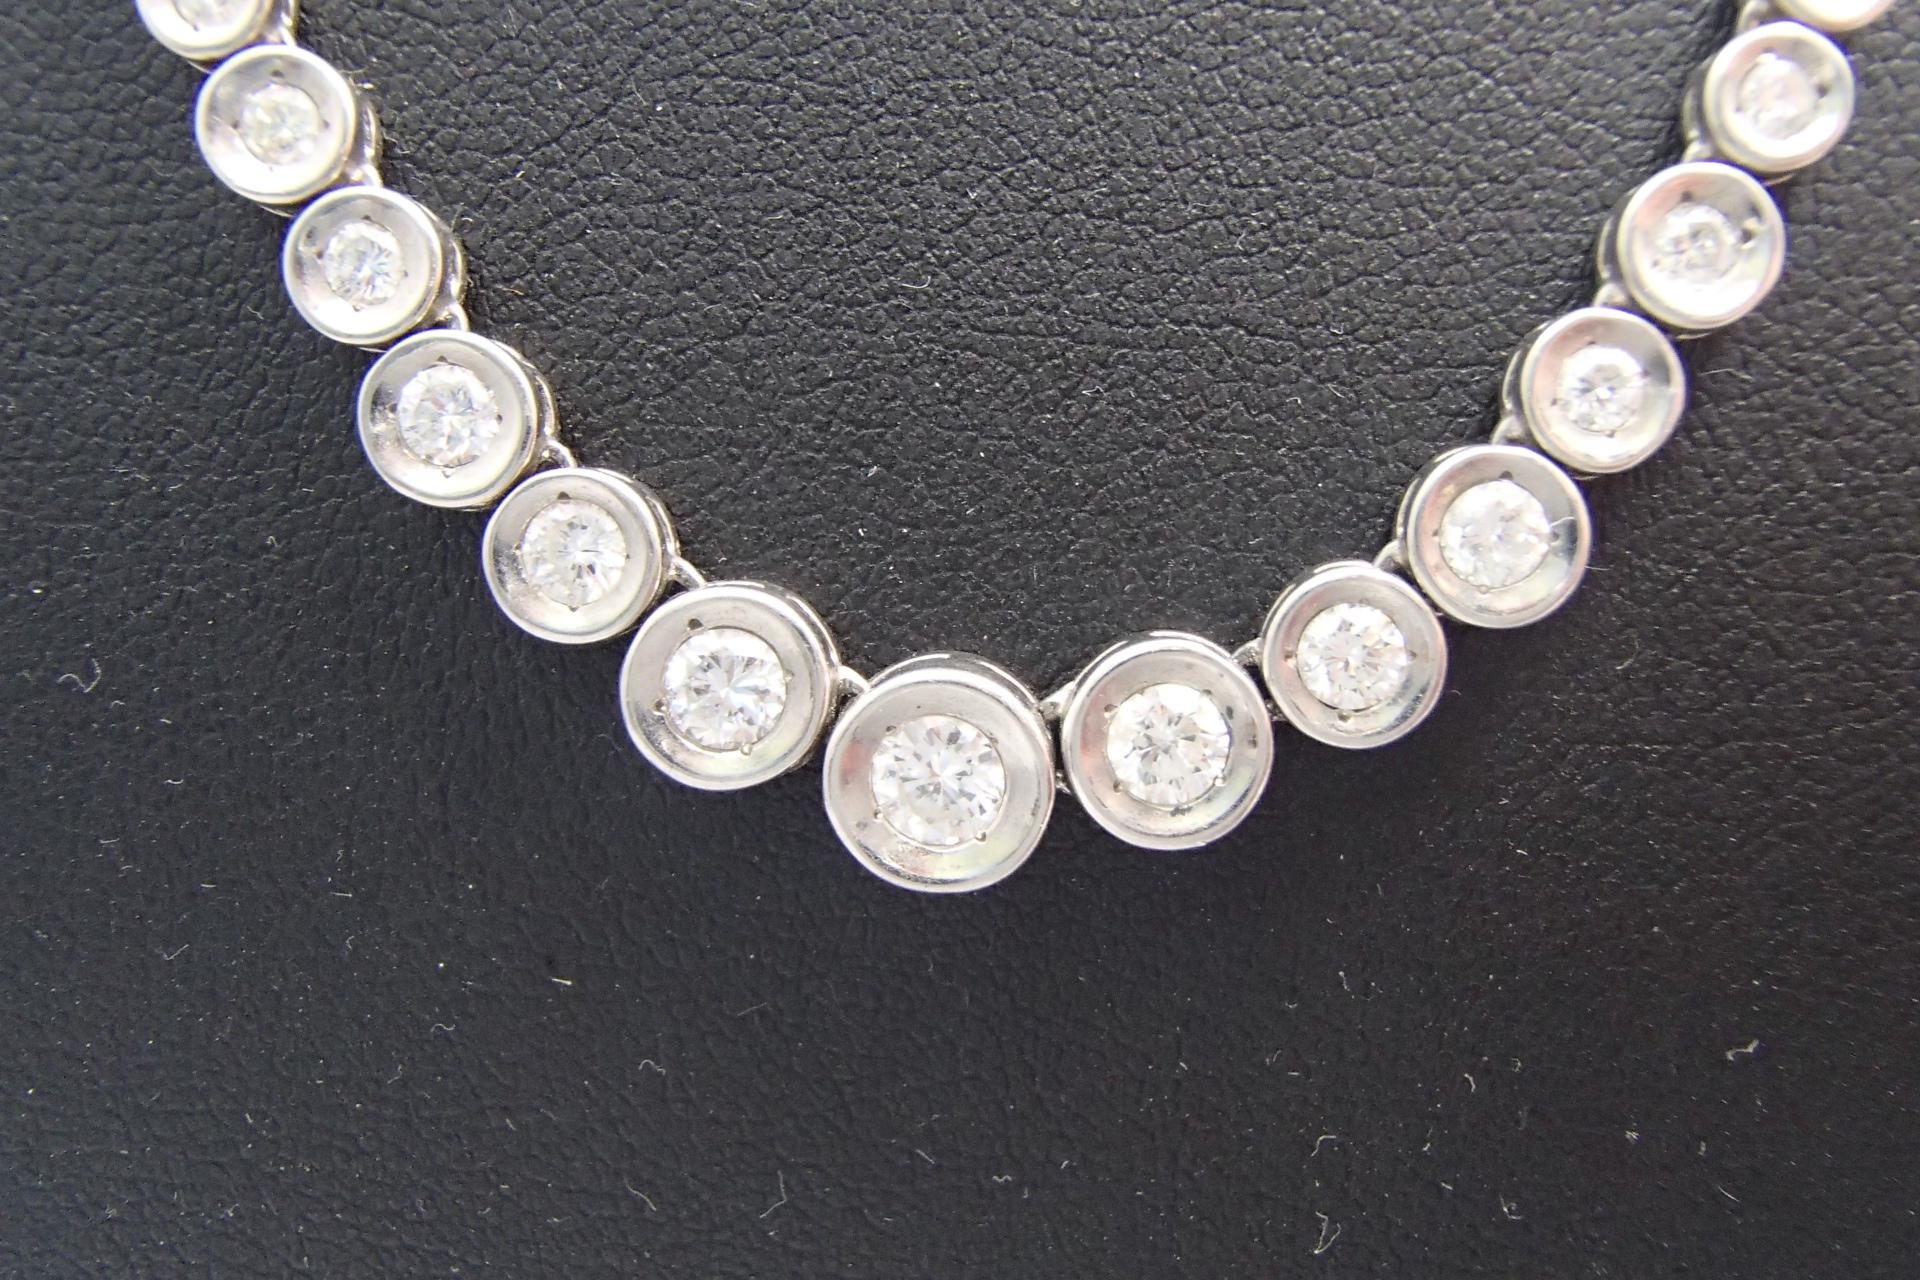 ダイヤモンドの価値はこう決まる!! なぜ、お店によって買取額が違うのか?